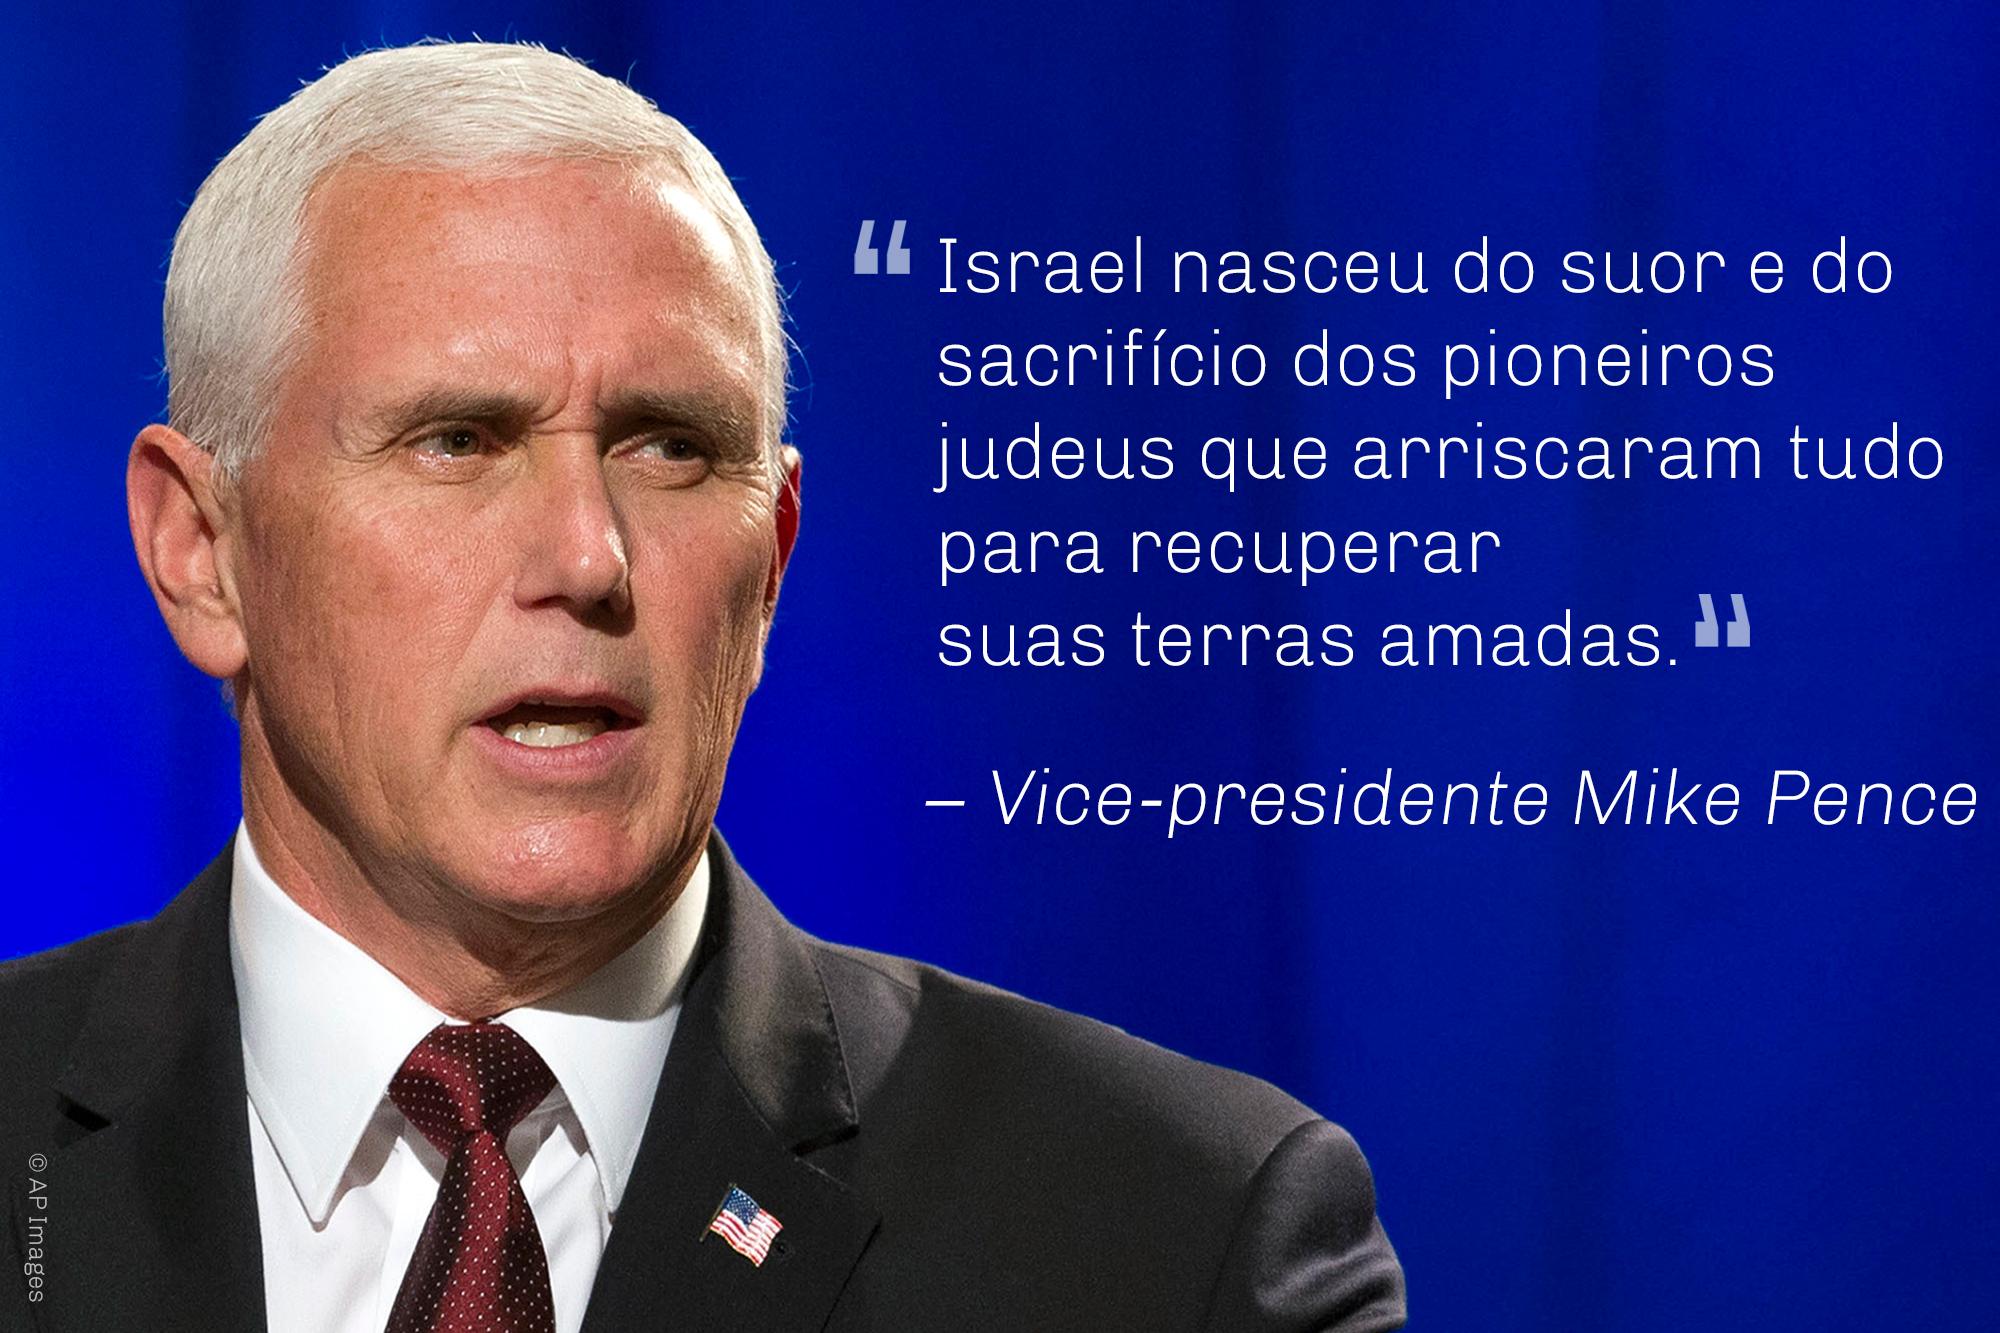 T Foto e citação do vice-presidente Pence sobre o sacrifício feito por pioneiros judeus (© AP Images)